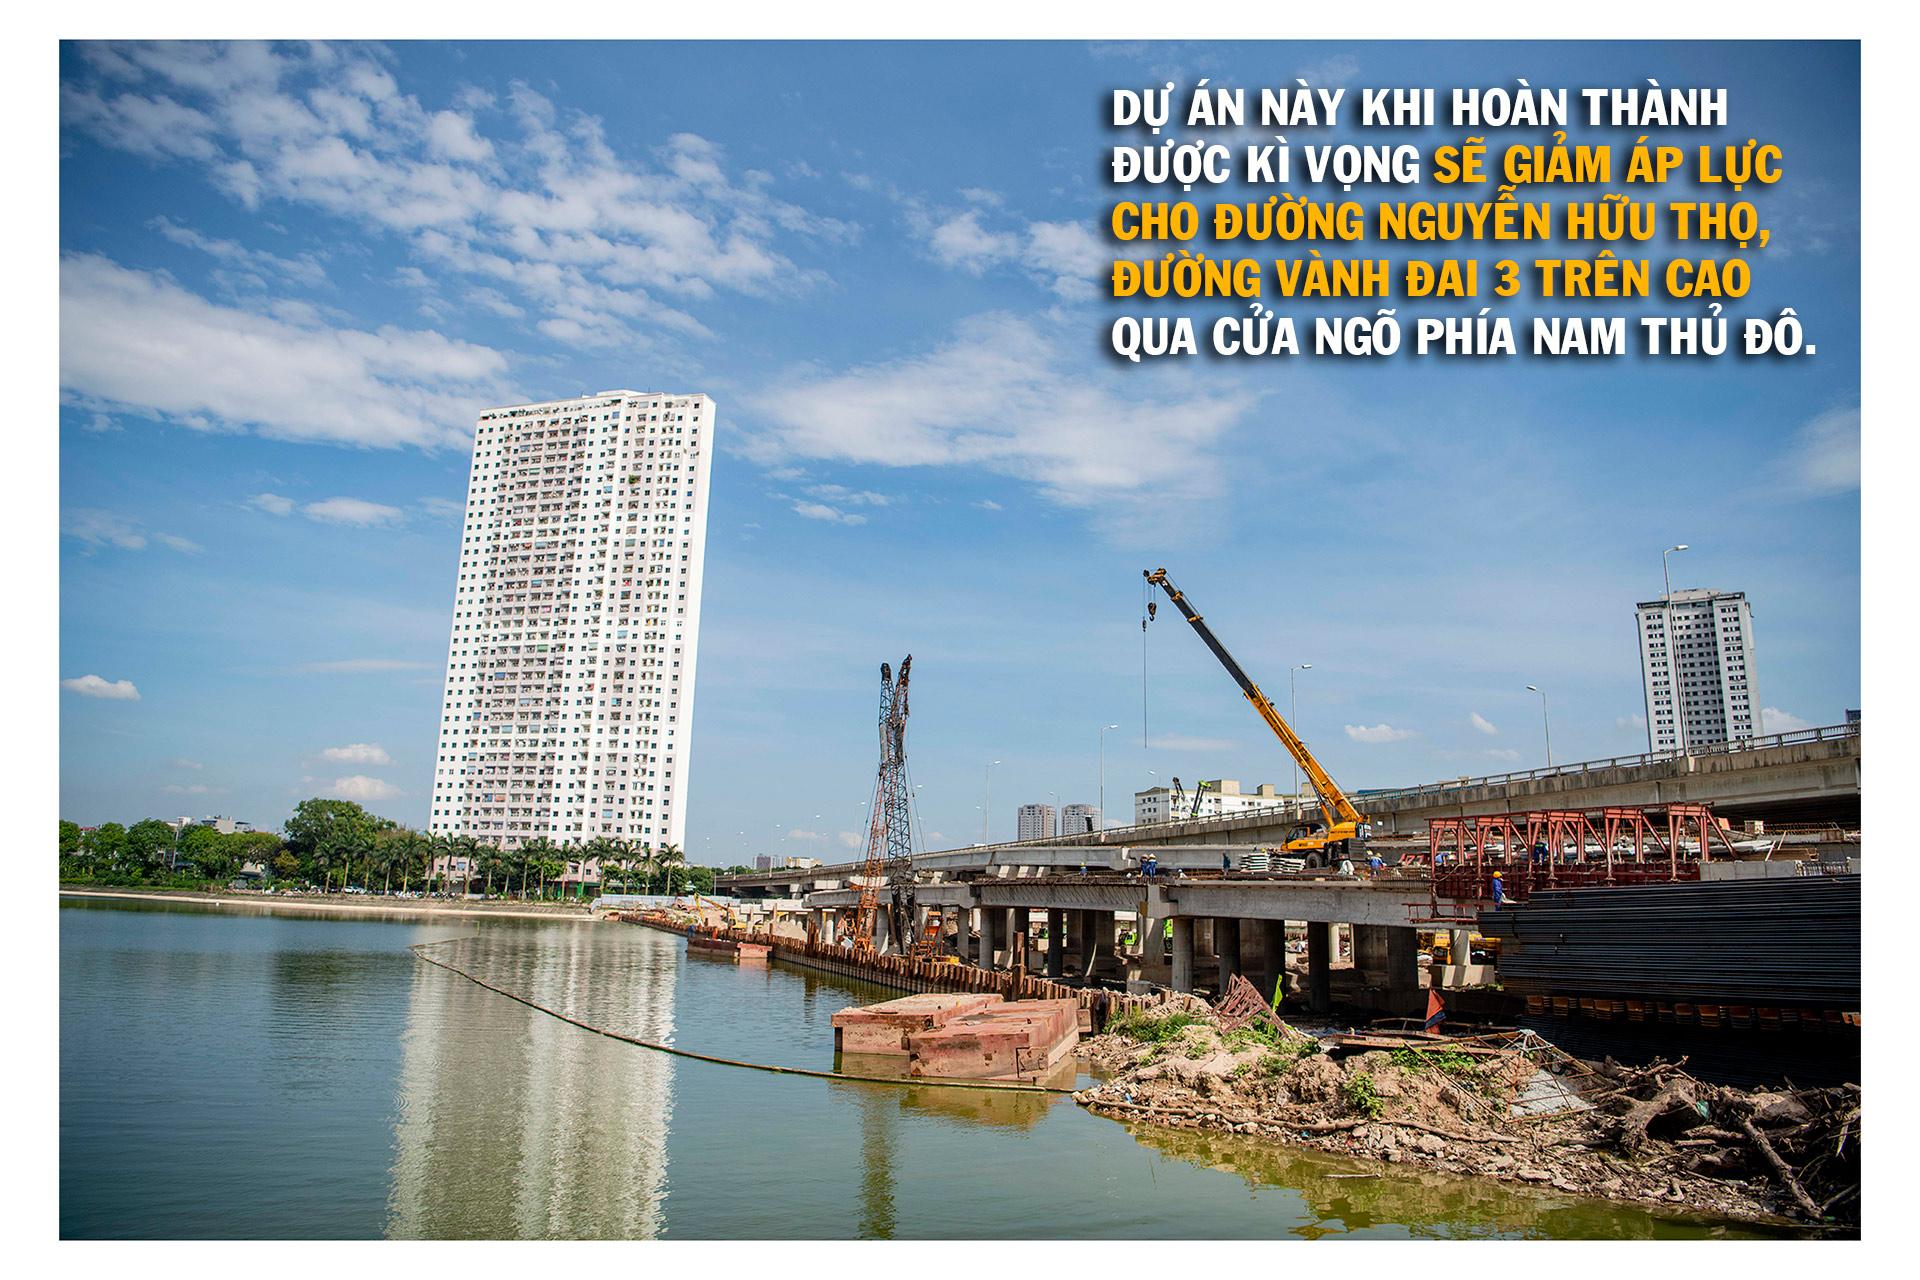 Toàn cảnh cầu hàng trăm tỷ vượt qua hồ nước đẹp bậc nhất Hà Nội - 15